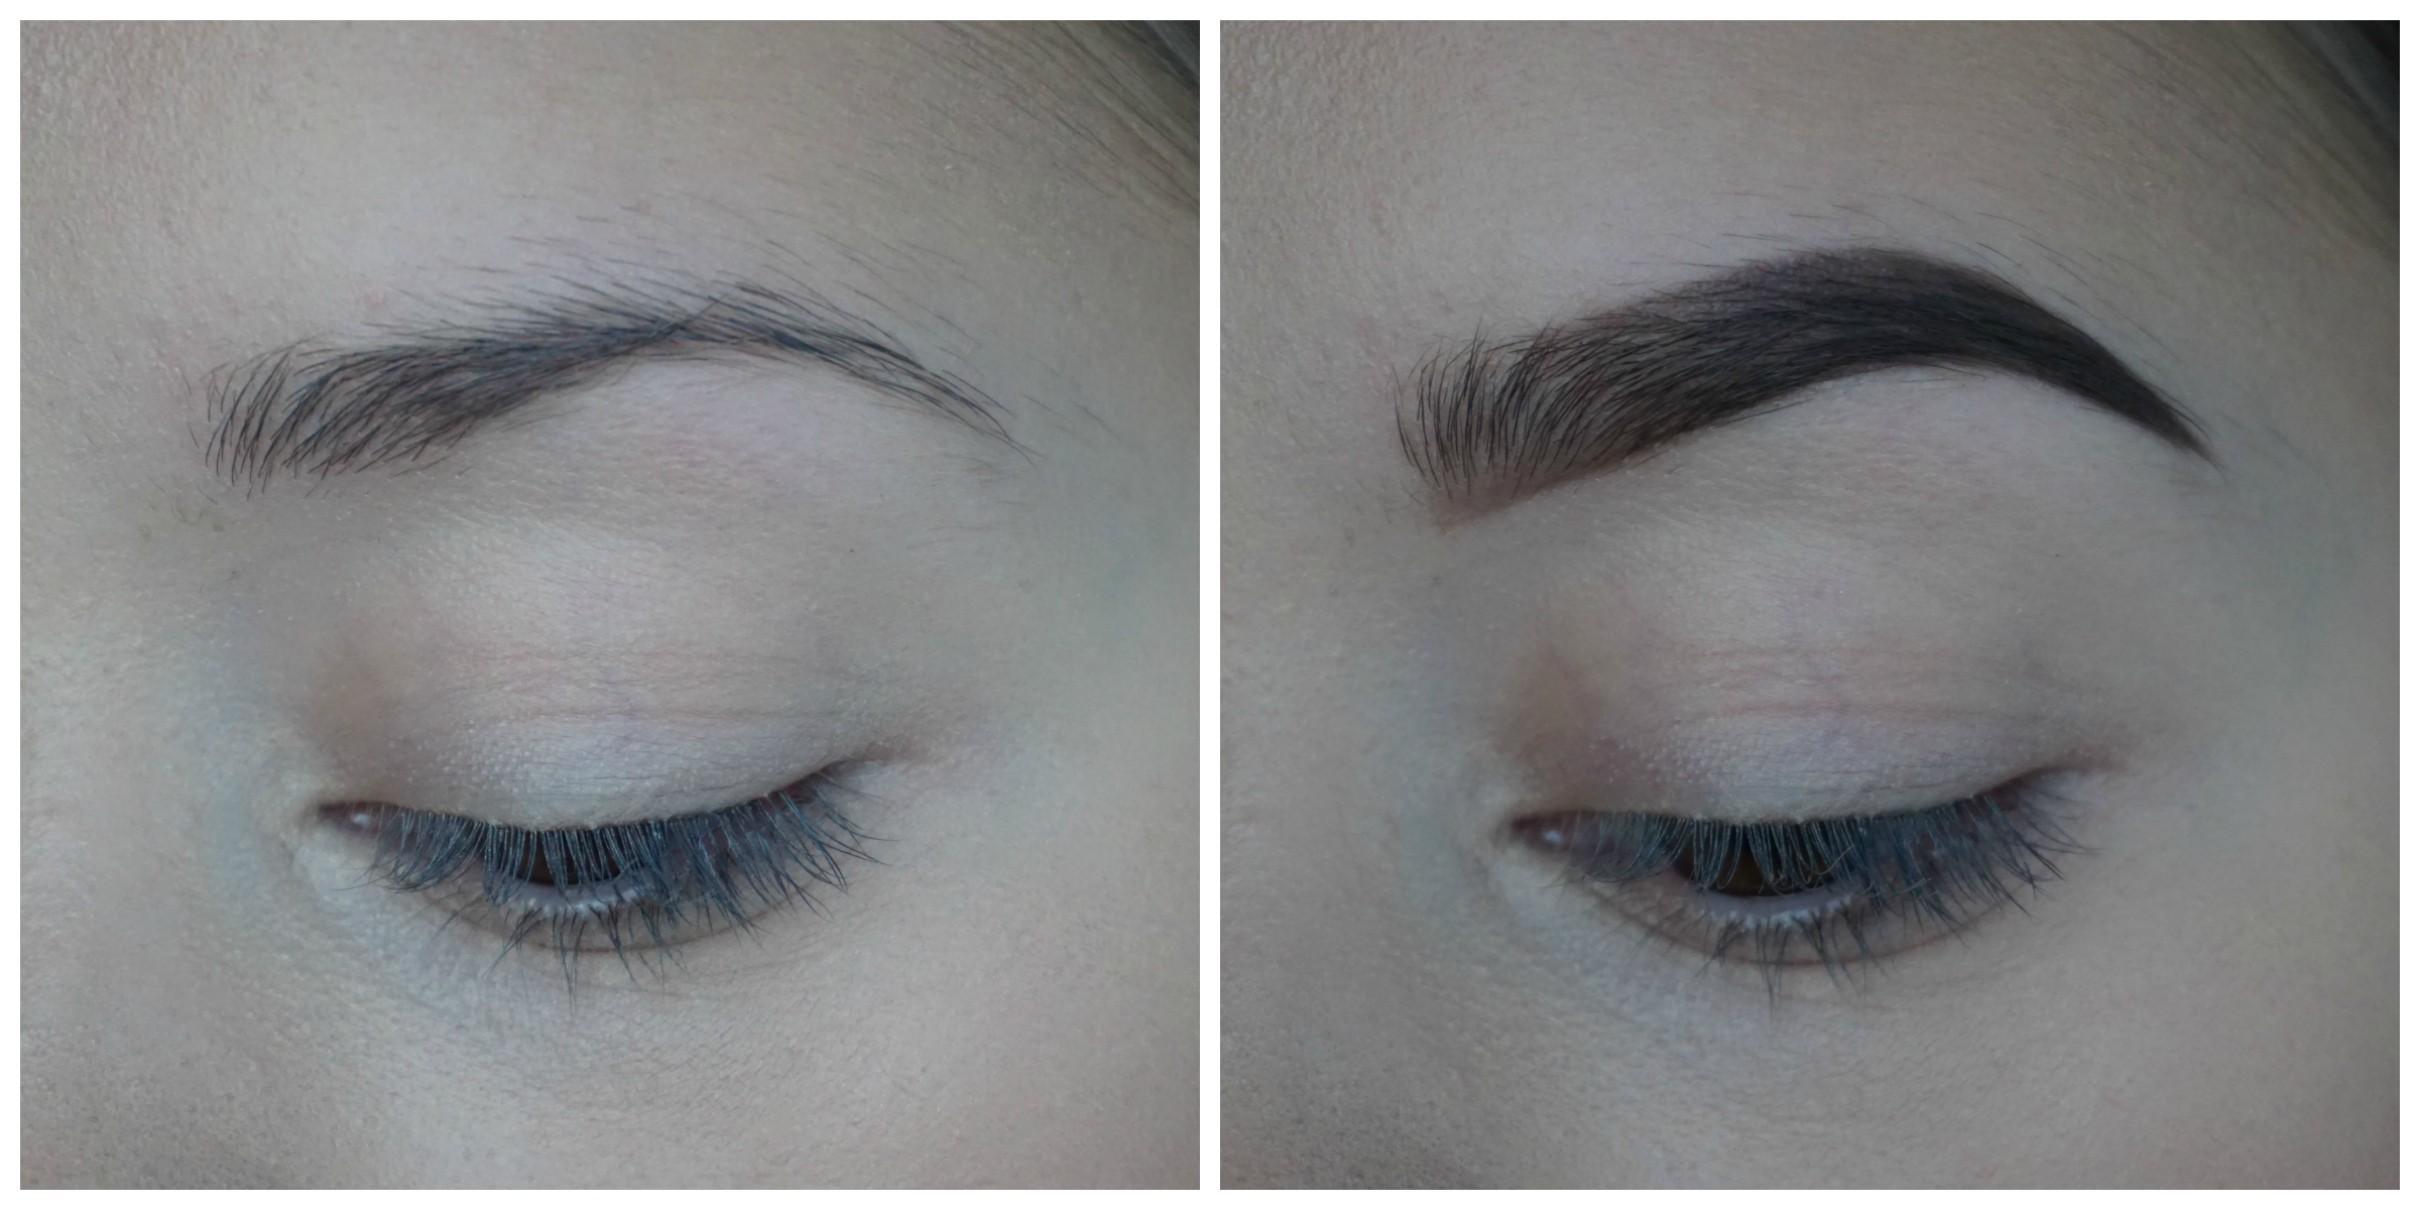 hur fort växer ögonbryn